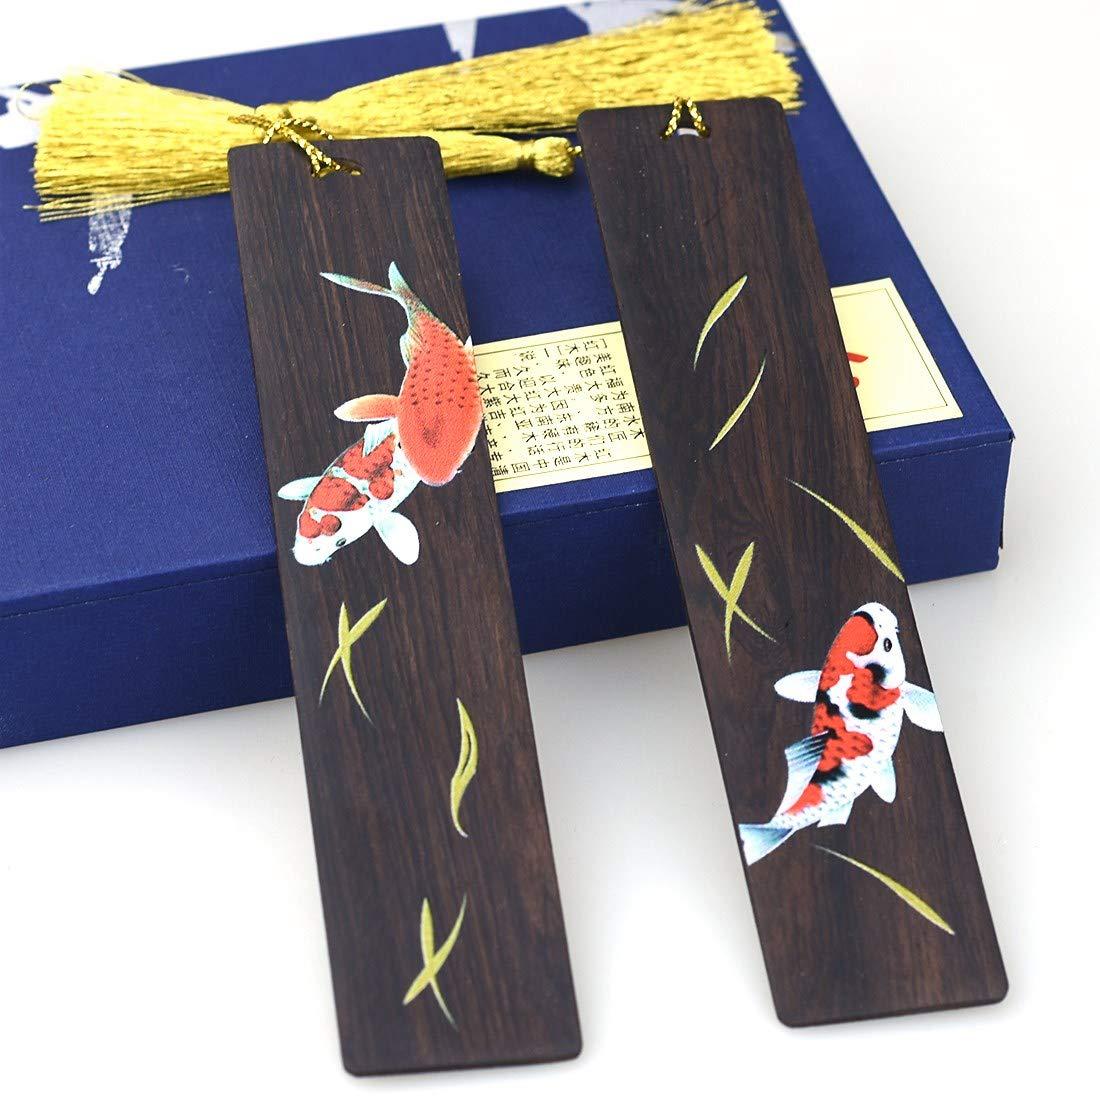 Marcador de madera hecho a mano 2pcs Set marcador de p/ágina grabado para amantes de los libros